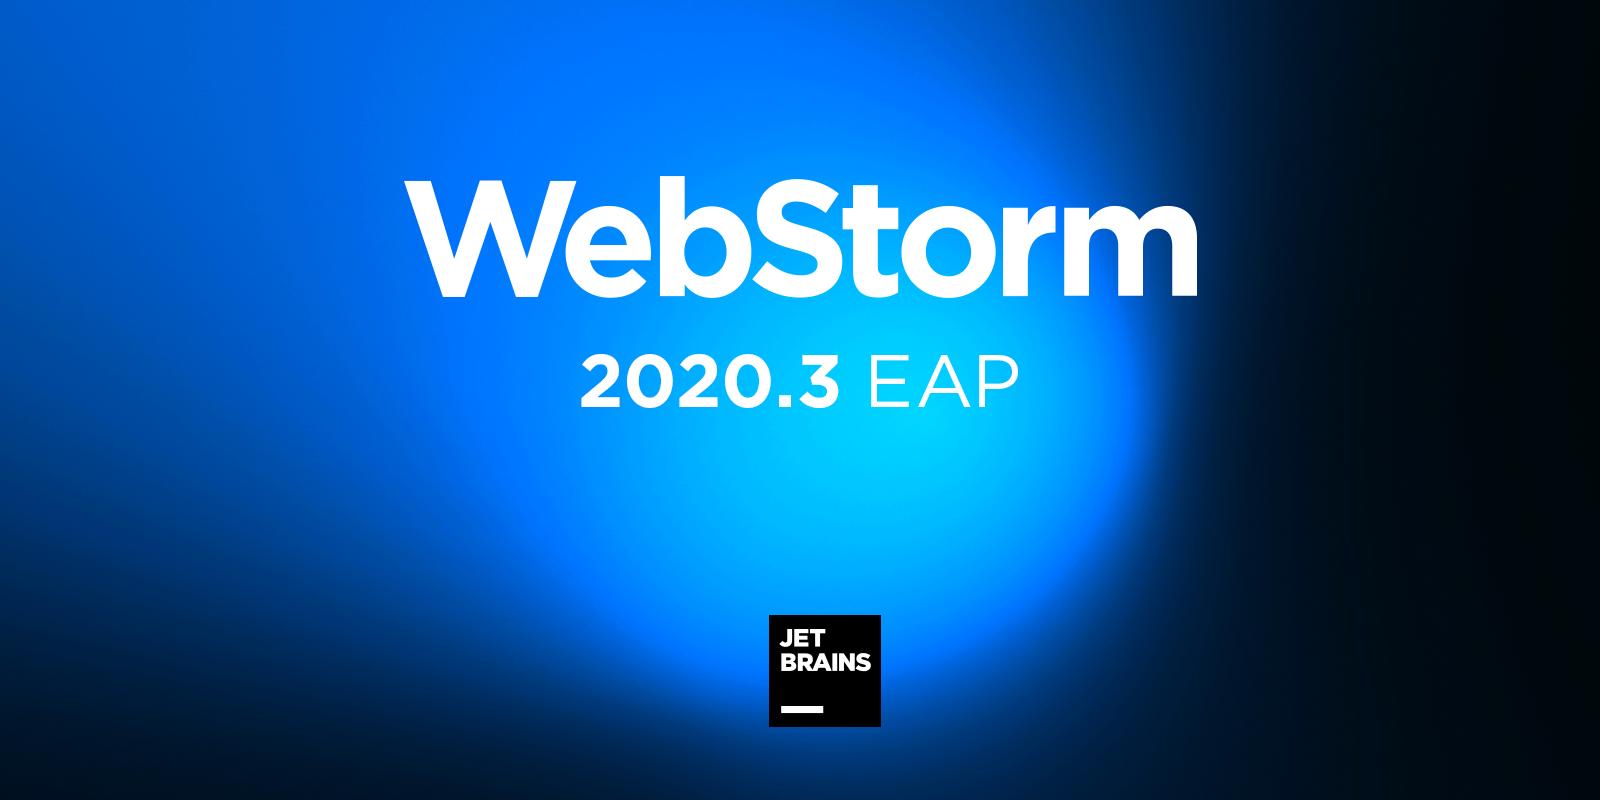 blog-eap-webstorm-2020-3